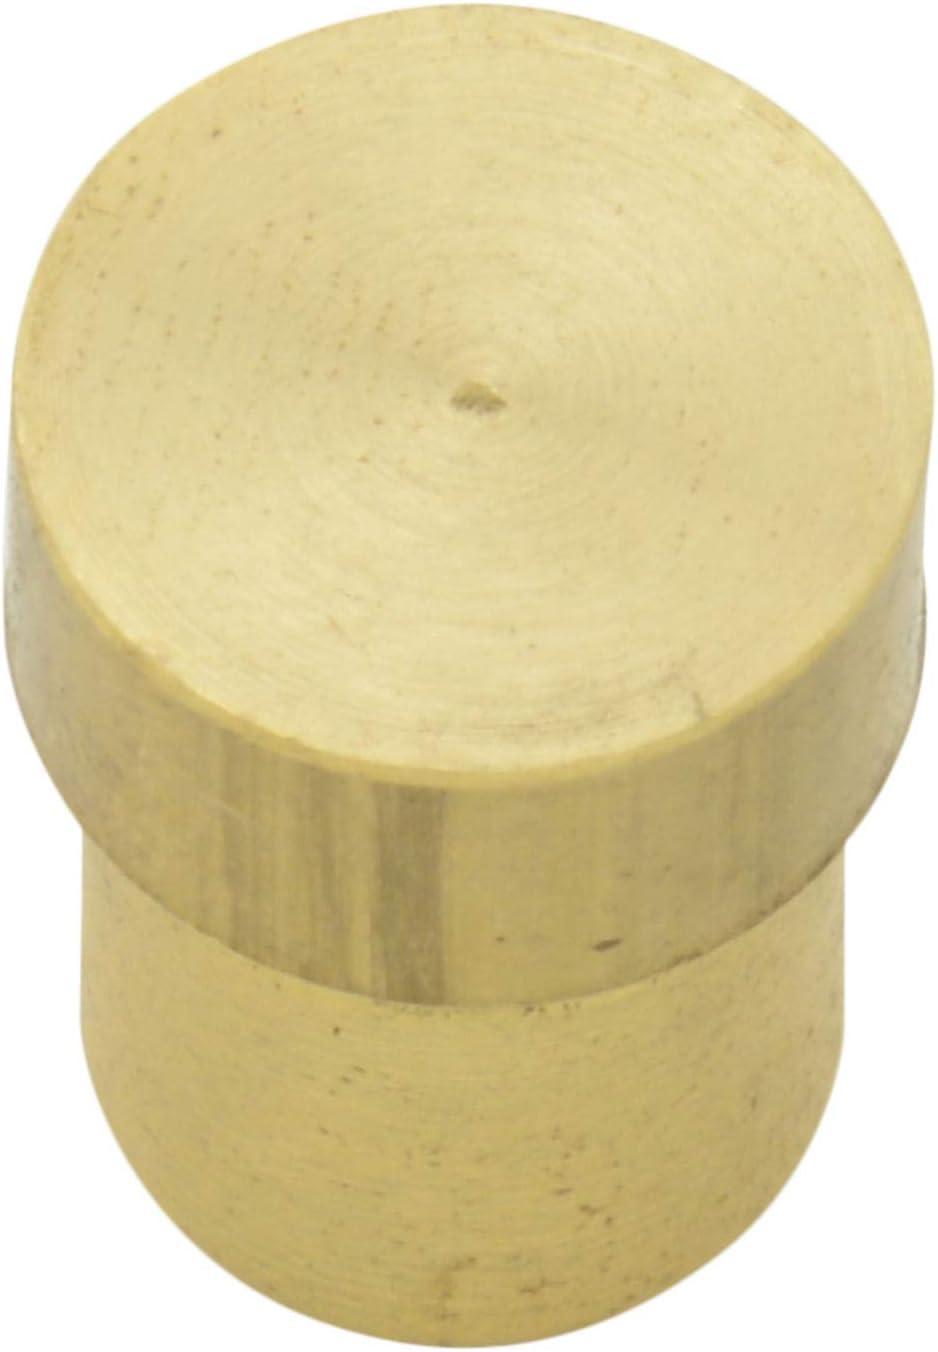 zum stanzen und lochen Lochpfeife f/ür /Ösenpresse 5,0 mm Locheisen GETMORE Parts Lochwerkzeug Spindelpresse